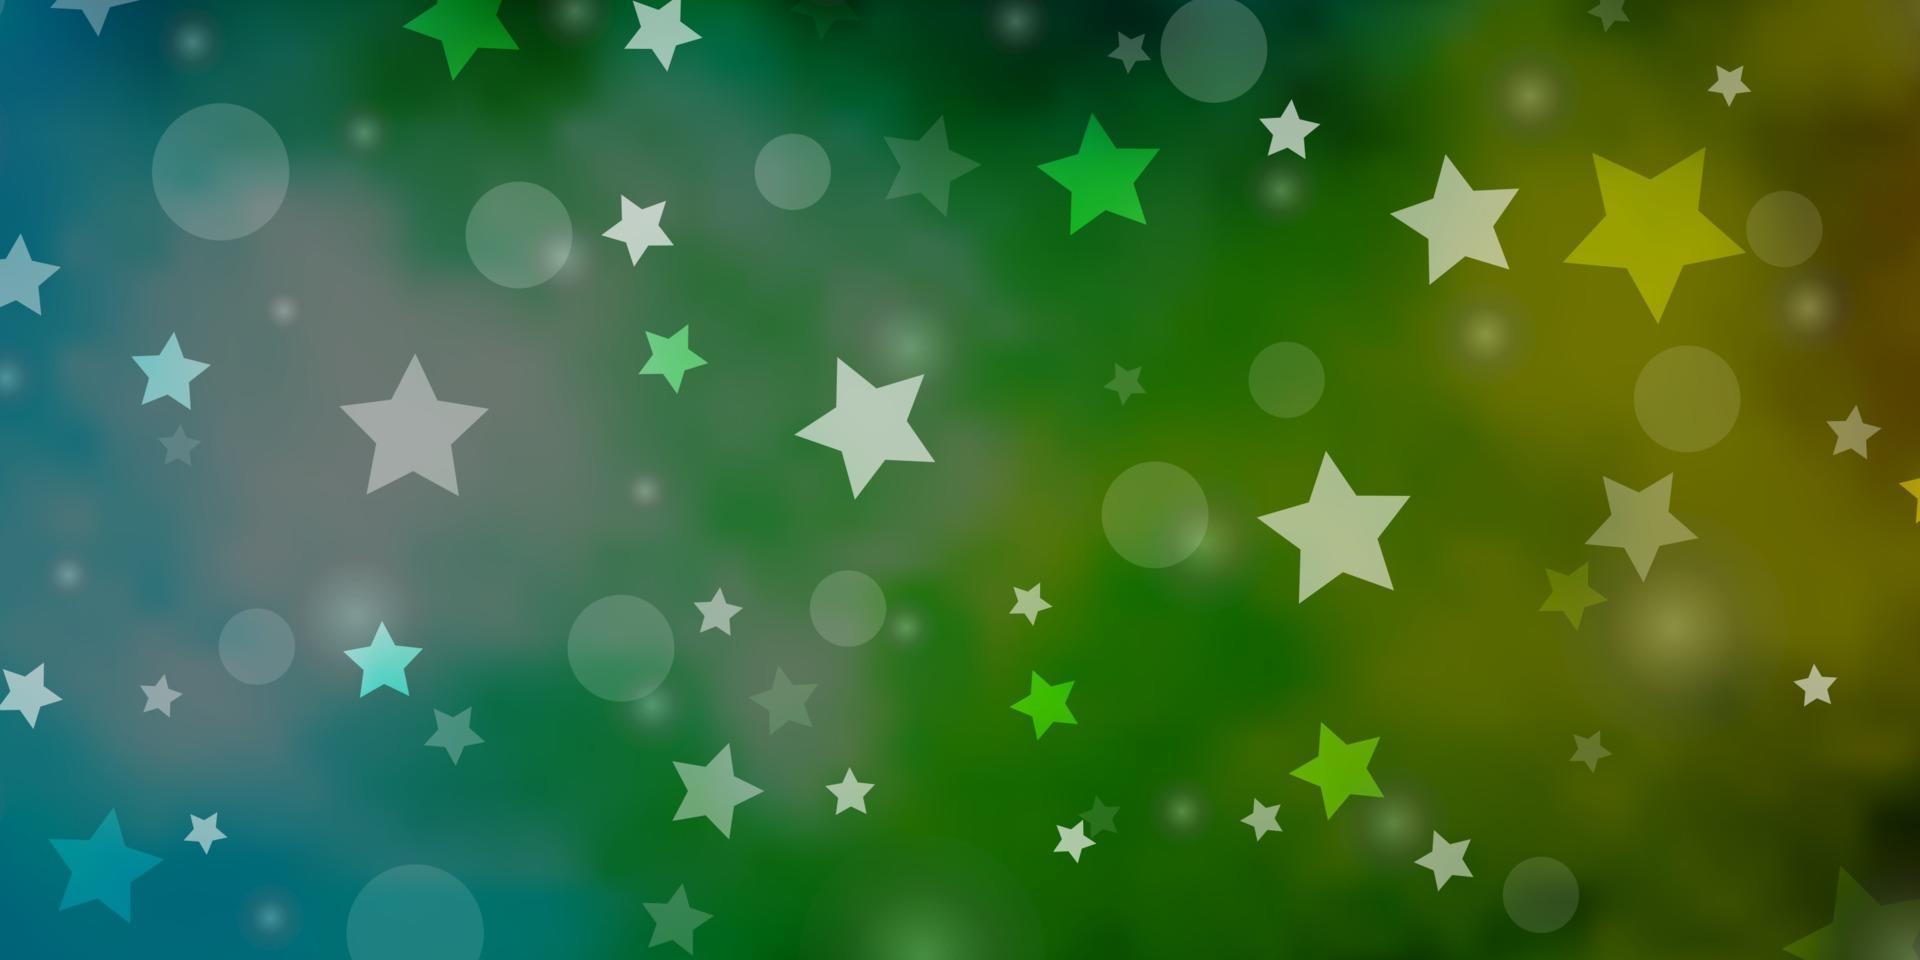 modello vettoriale azzurro, verde con cerchi, stelle.